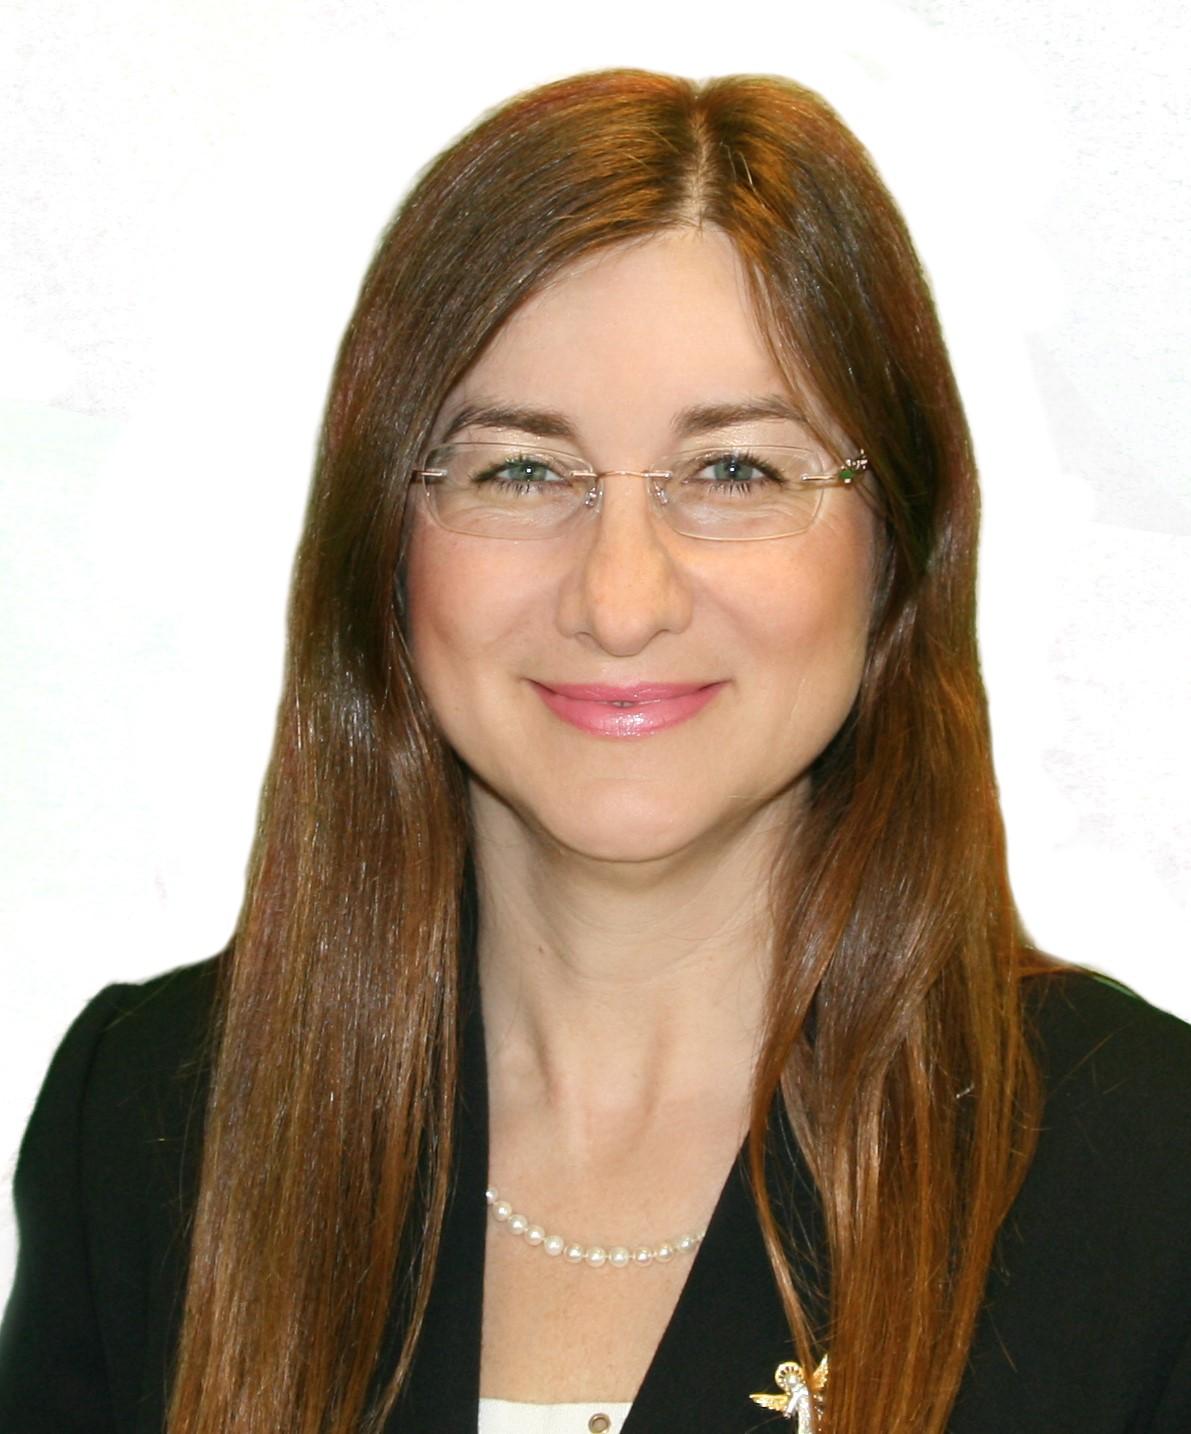 Catalina Schreader